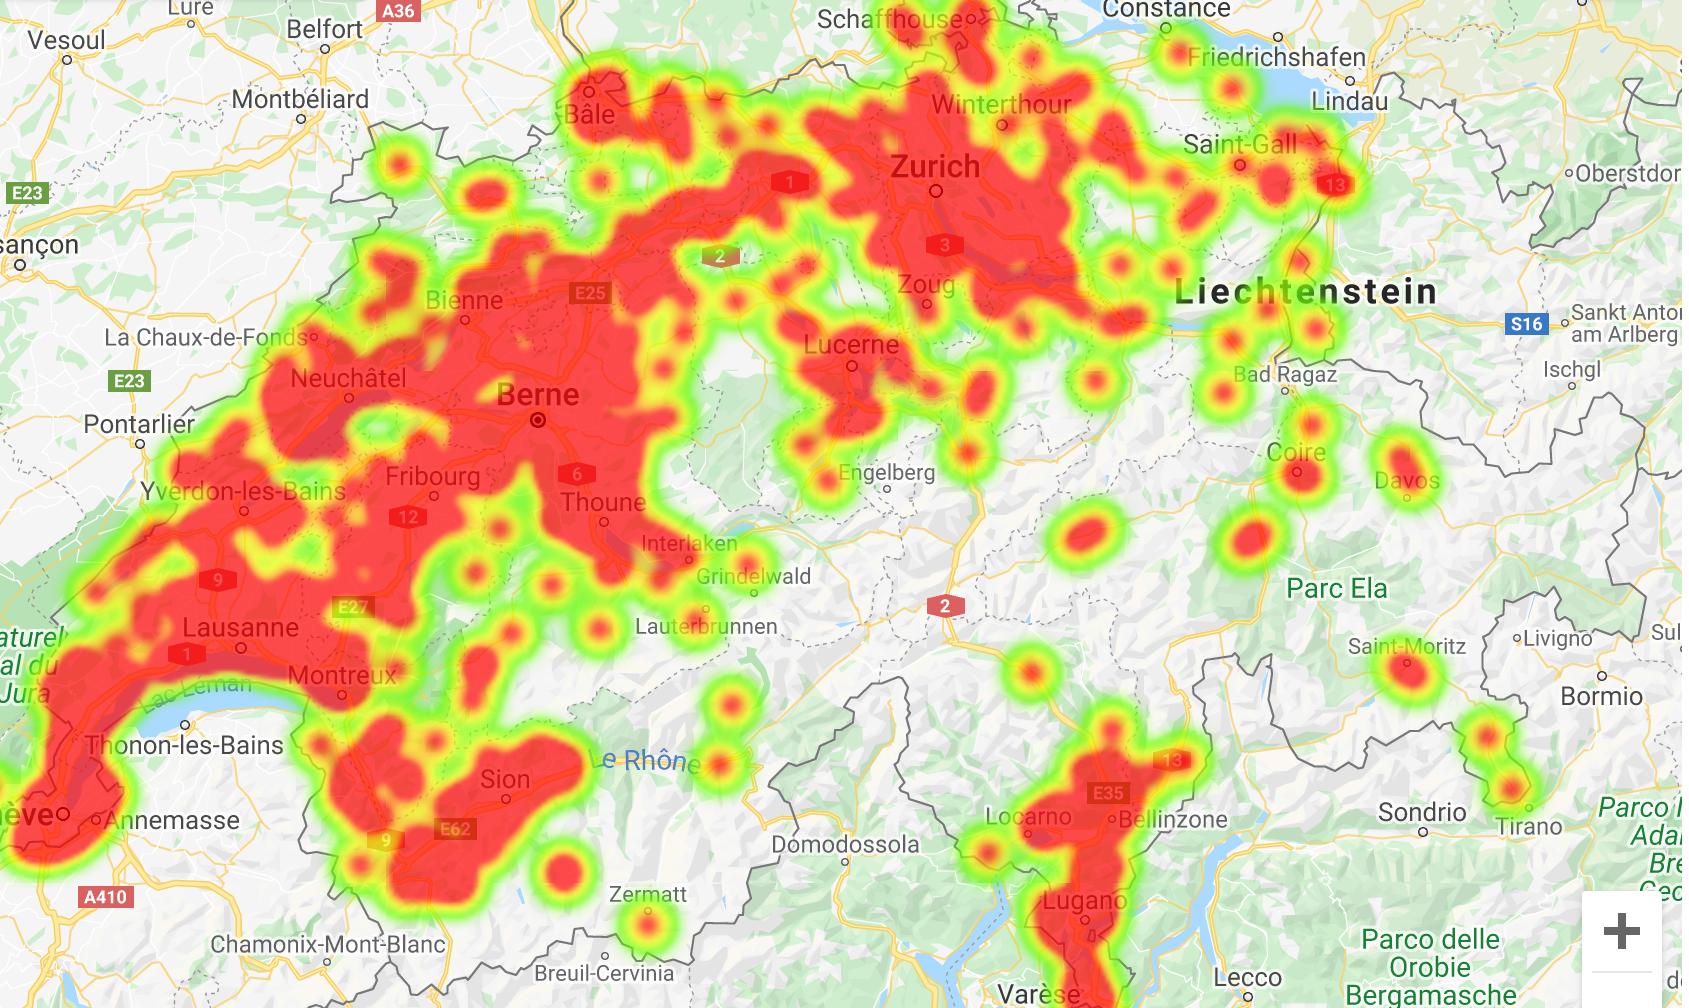 Covid-19: Mapa mostra focos de contágio